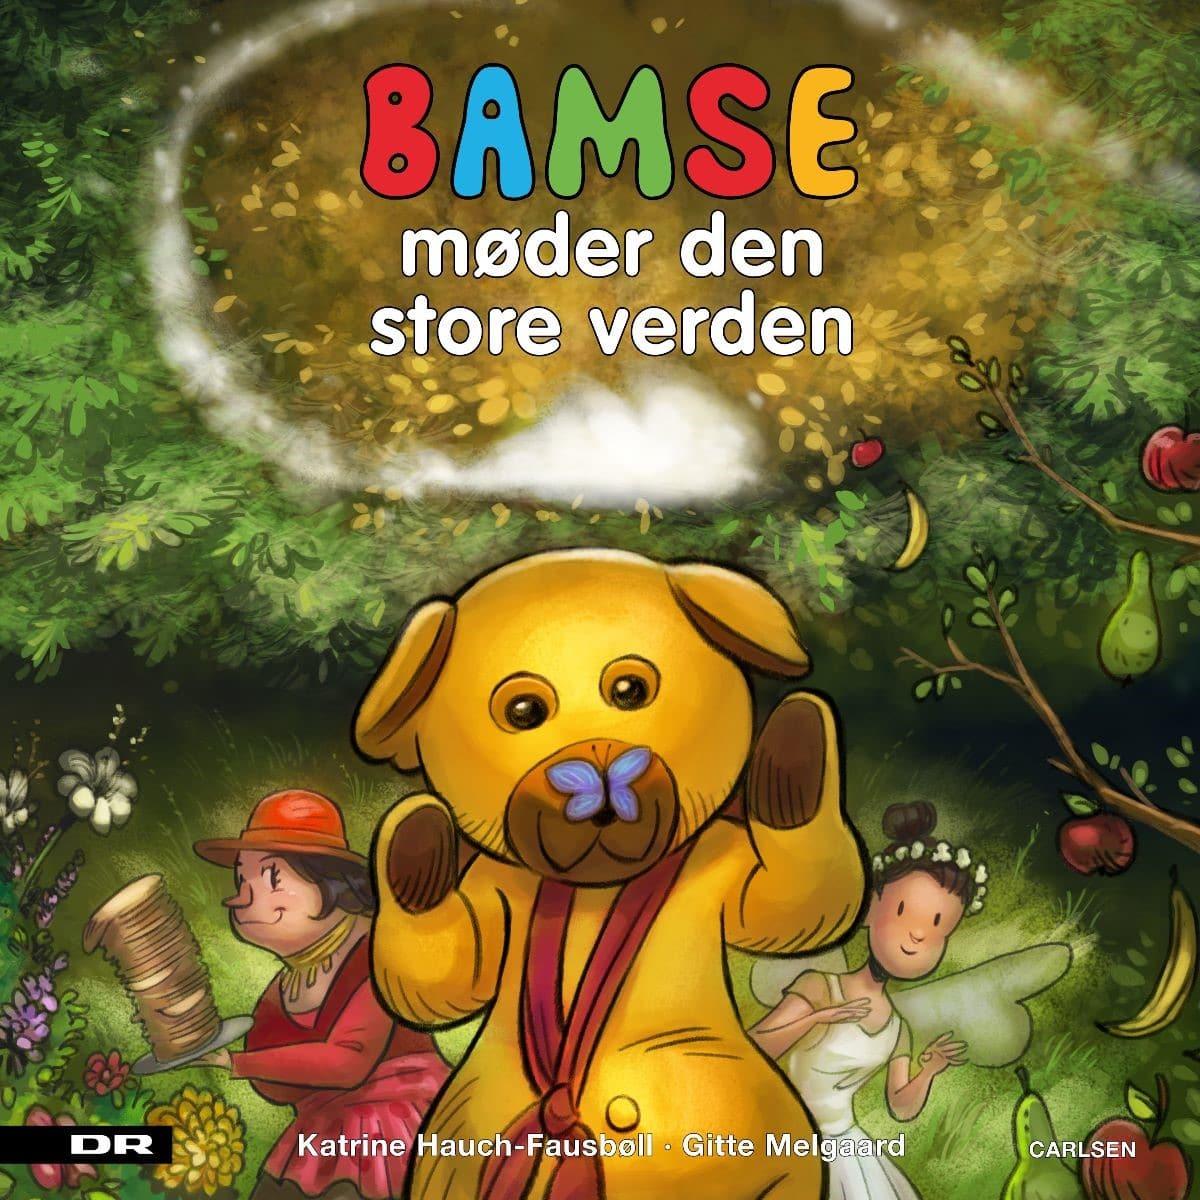 Bamse, Bamse møder den store verden, bamse og kylling, bamse bog, børnebog, billedbog, billedbøger, børnebøger